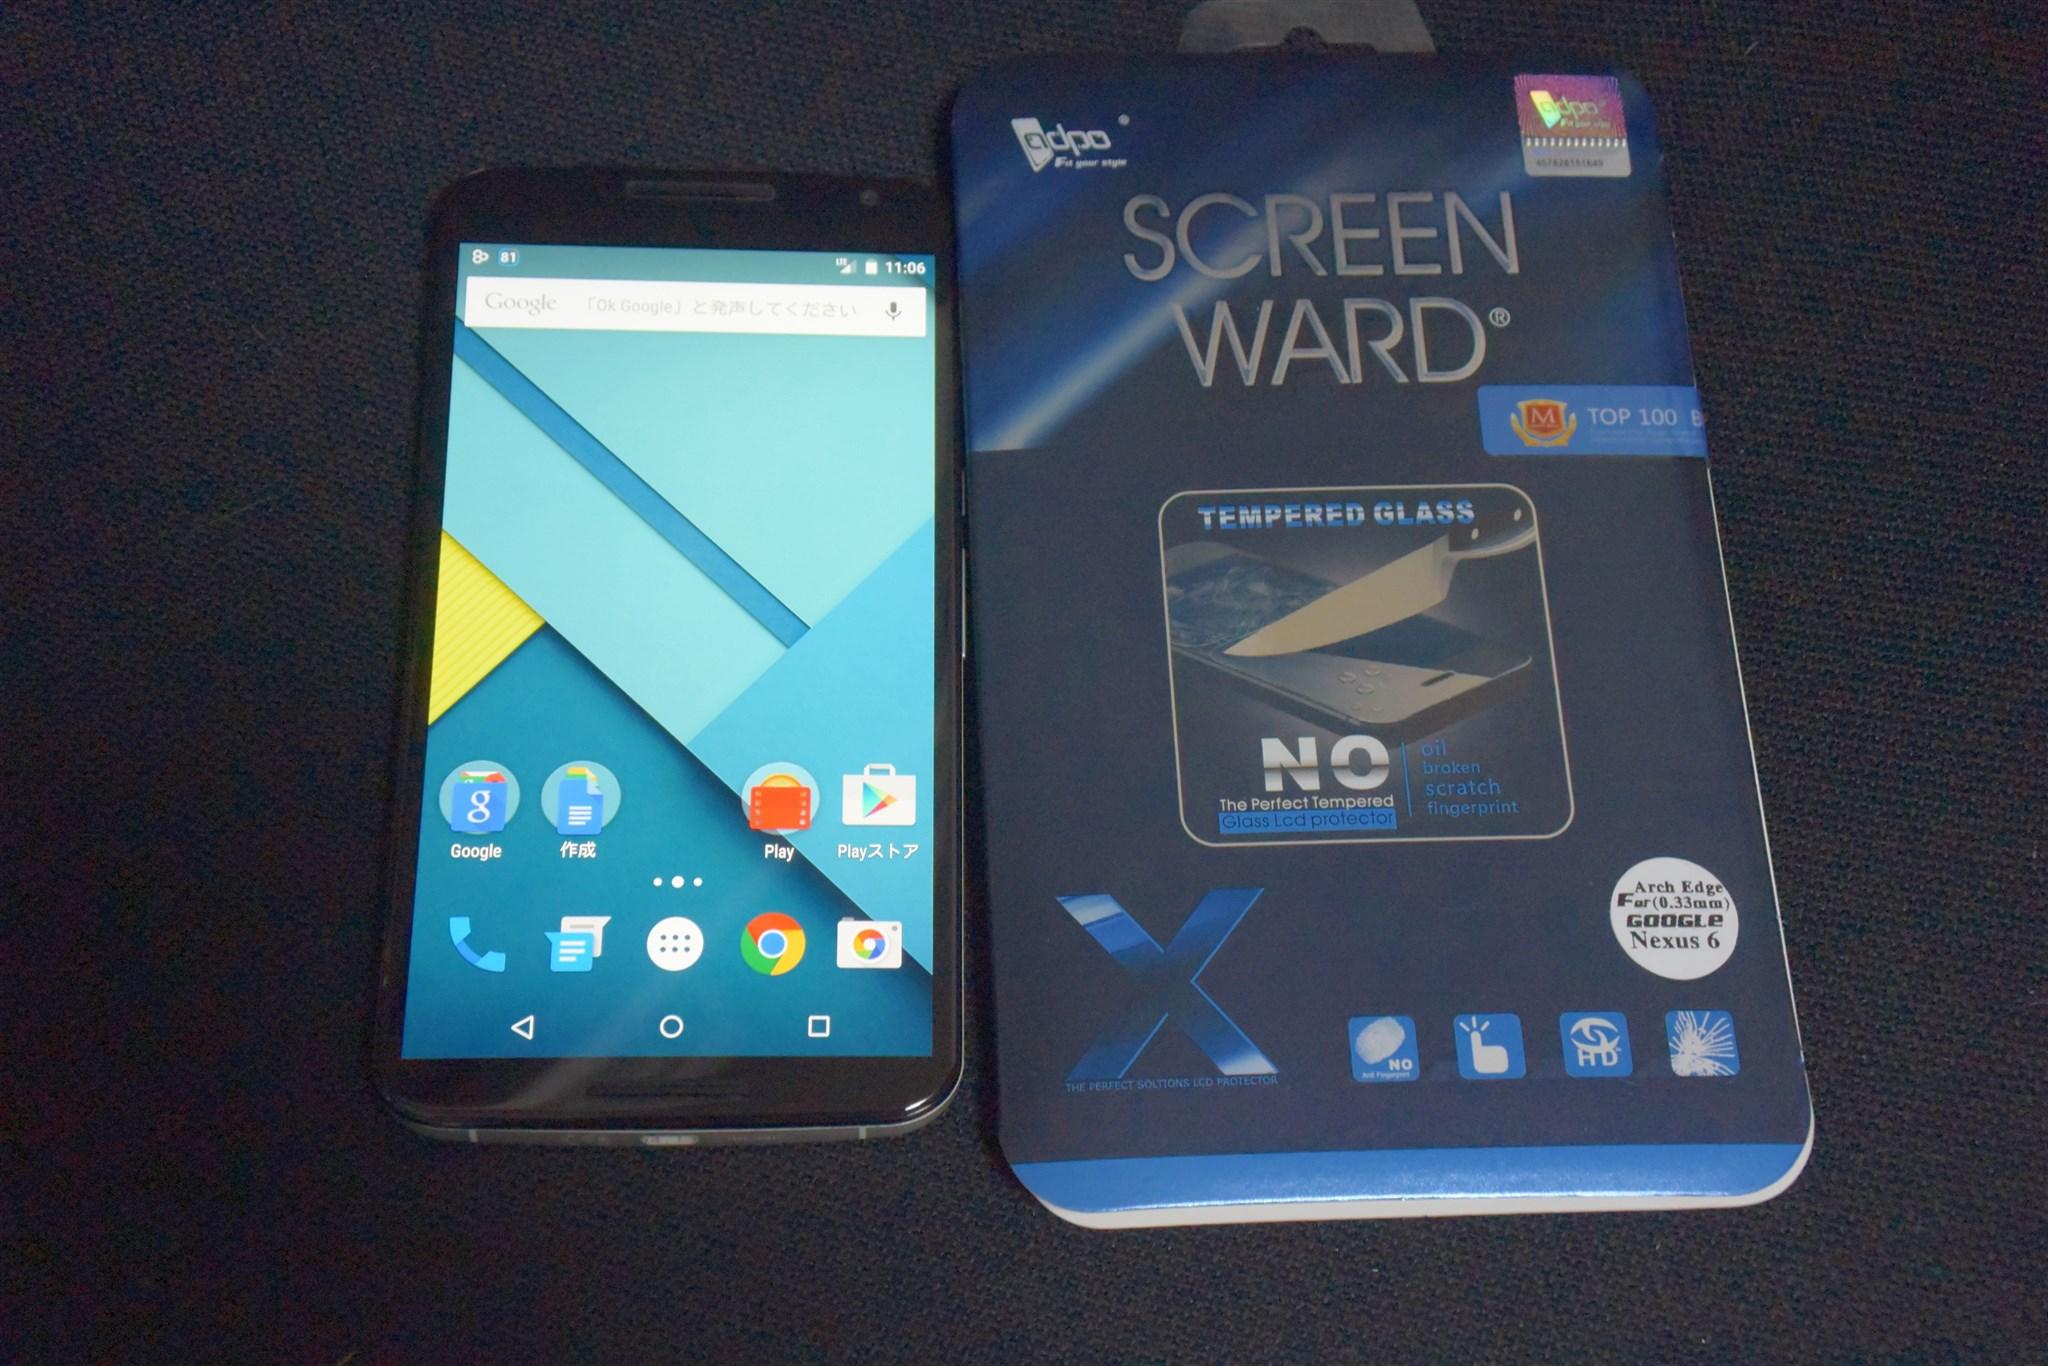 Nexus6に格安ガラス液晶保護フィルムが貼りやすくてほぼ浮きも無くいい感じ